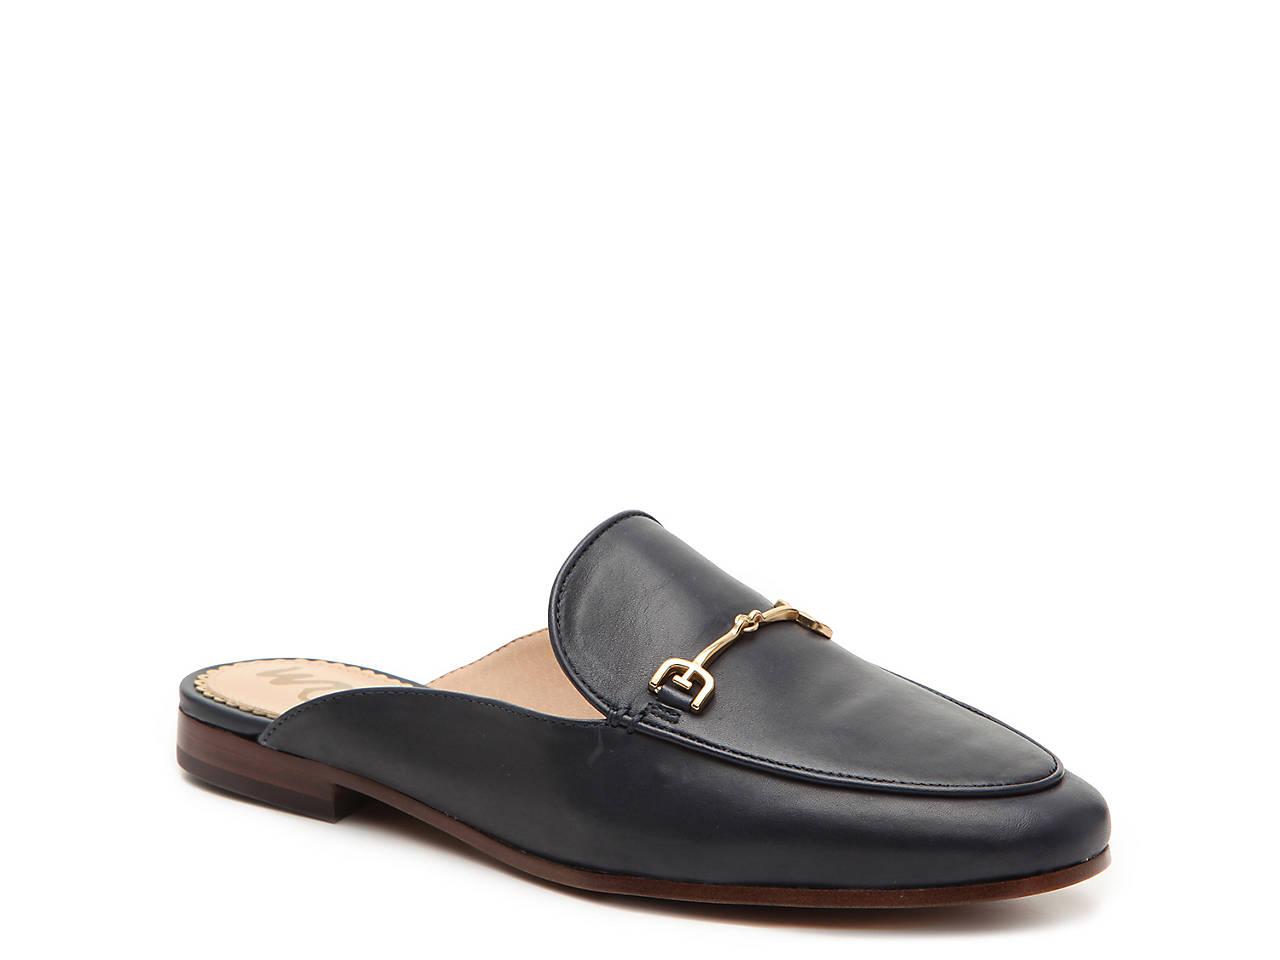 bf667413aa94 Sam Edelman Linnie Mule Women's Shoes | DSW